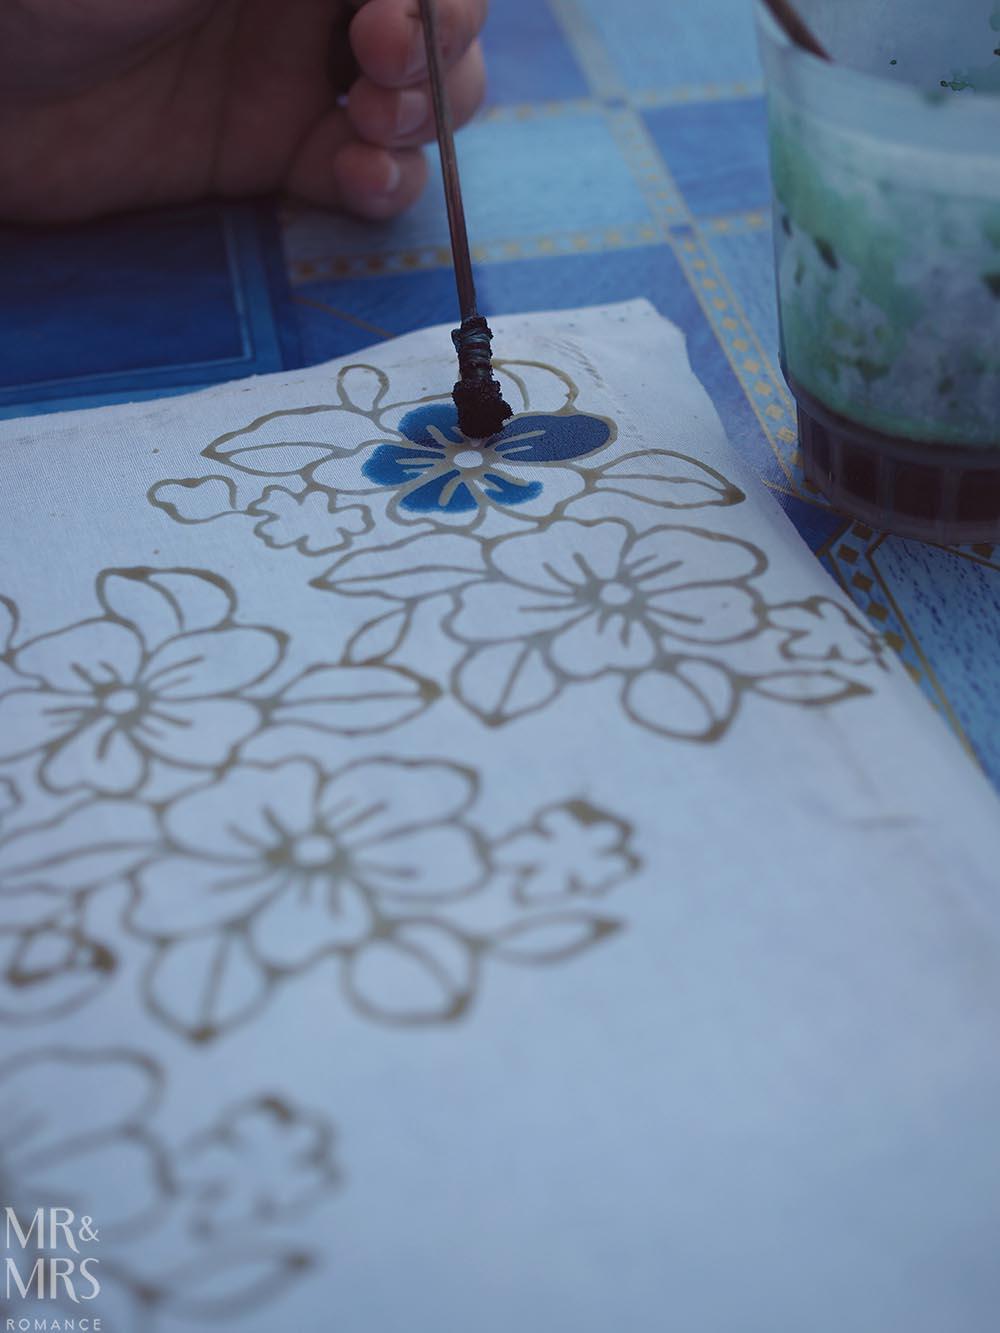 Koh Klang, Thailand - batik painting